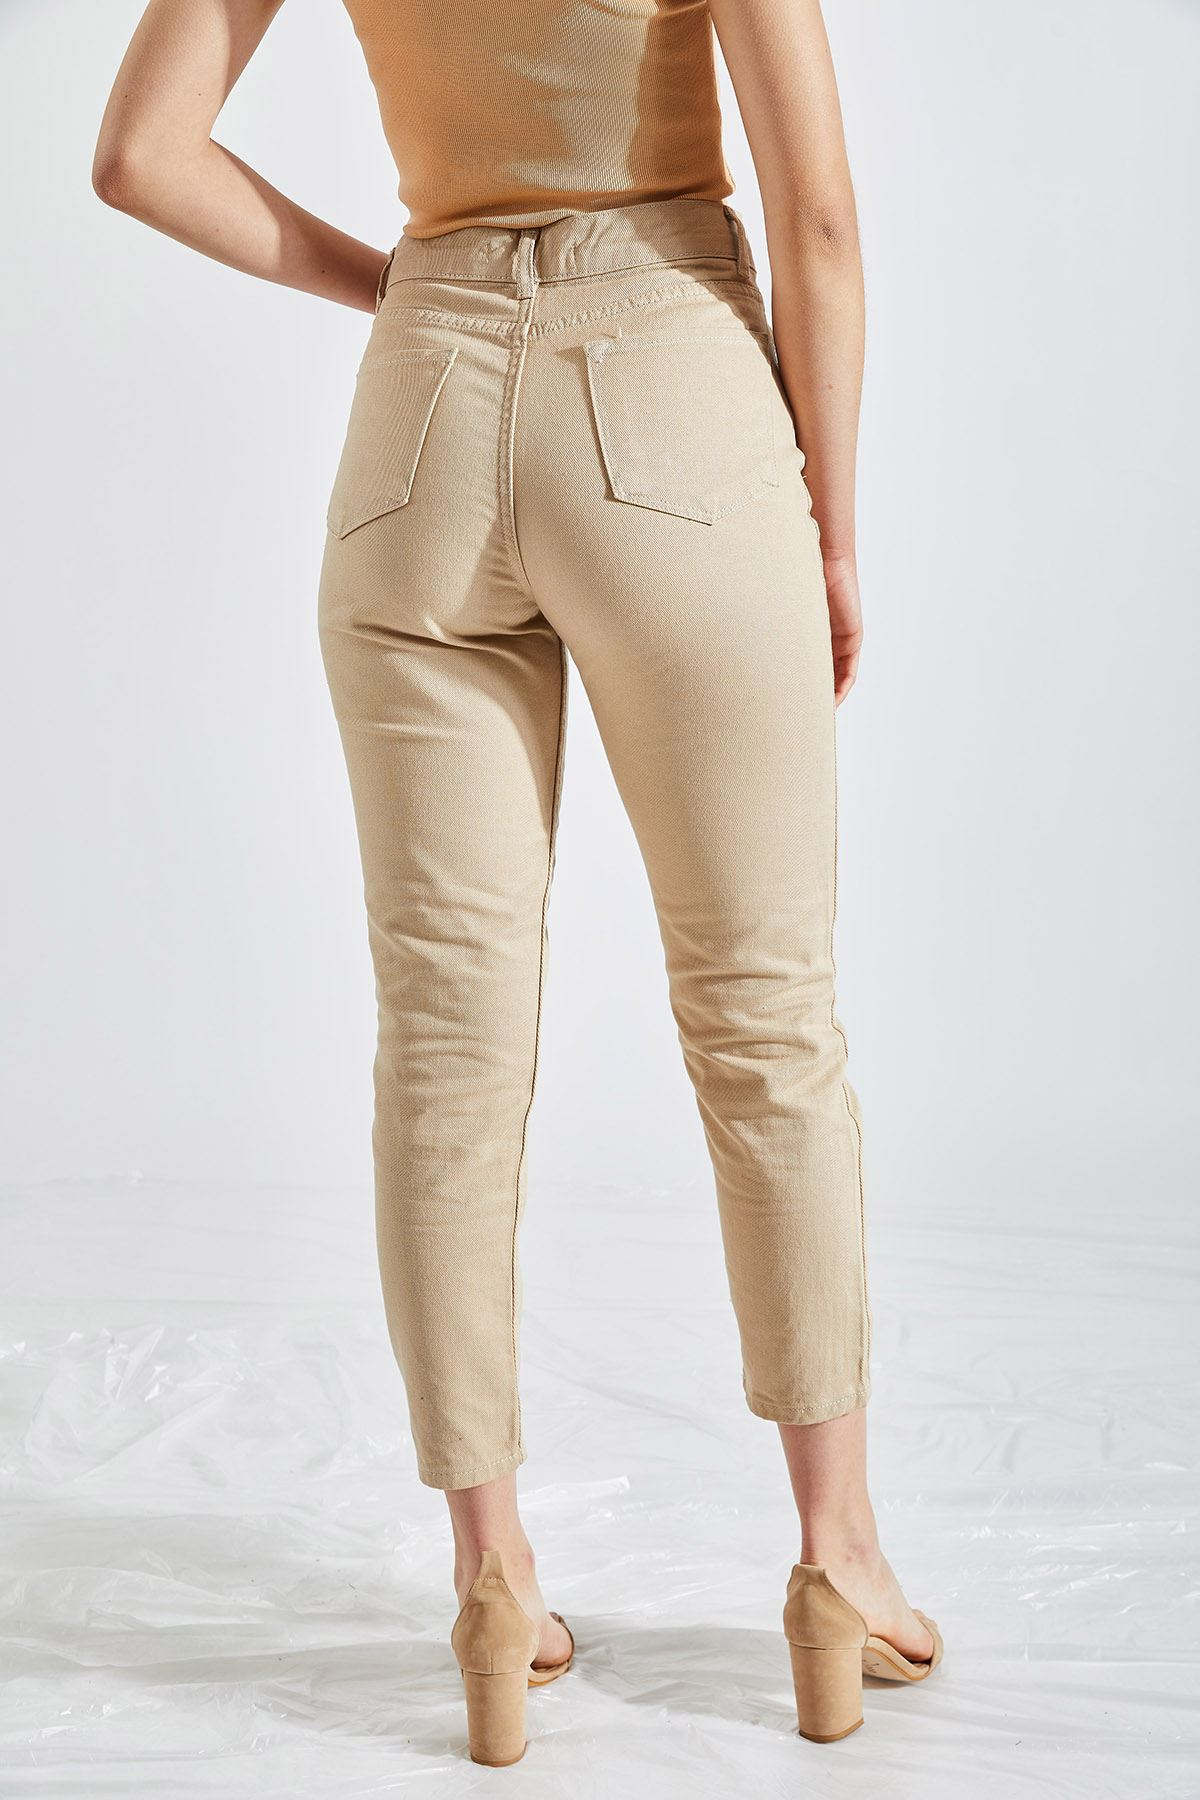 Kadın Boyfriend Vizon Kot Pantolon